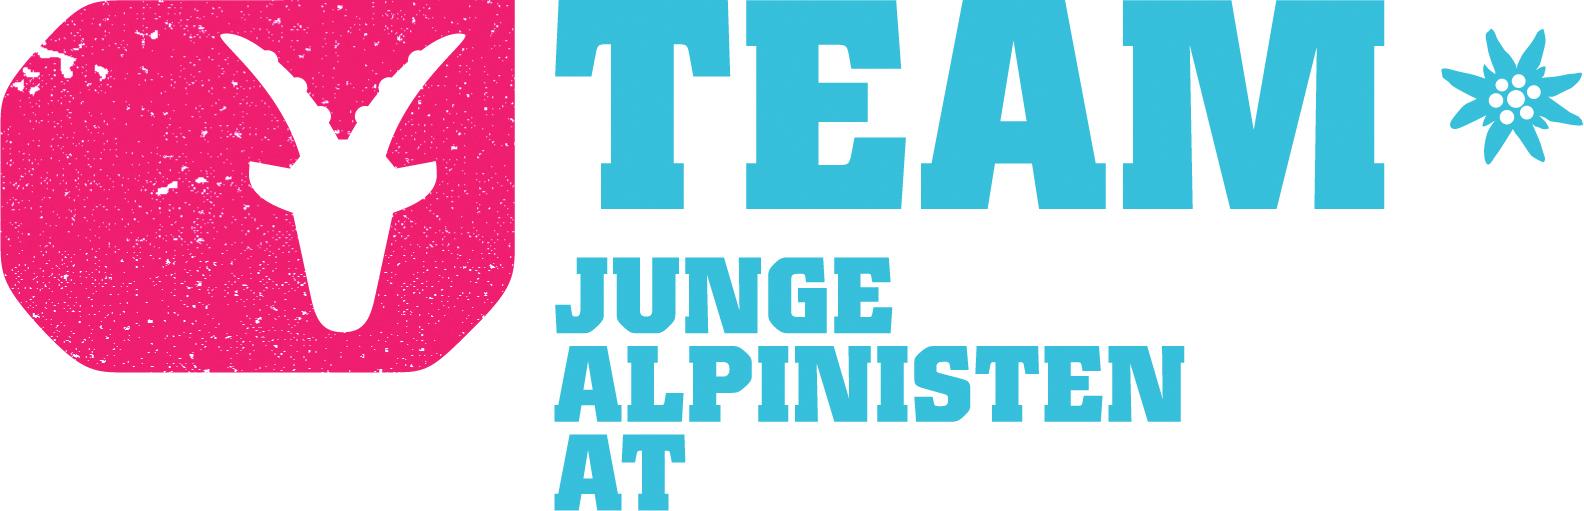 Junge Alpininsten - TEAM - Bewirb dich jetzt!